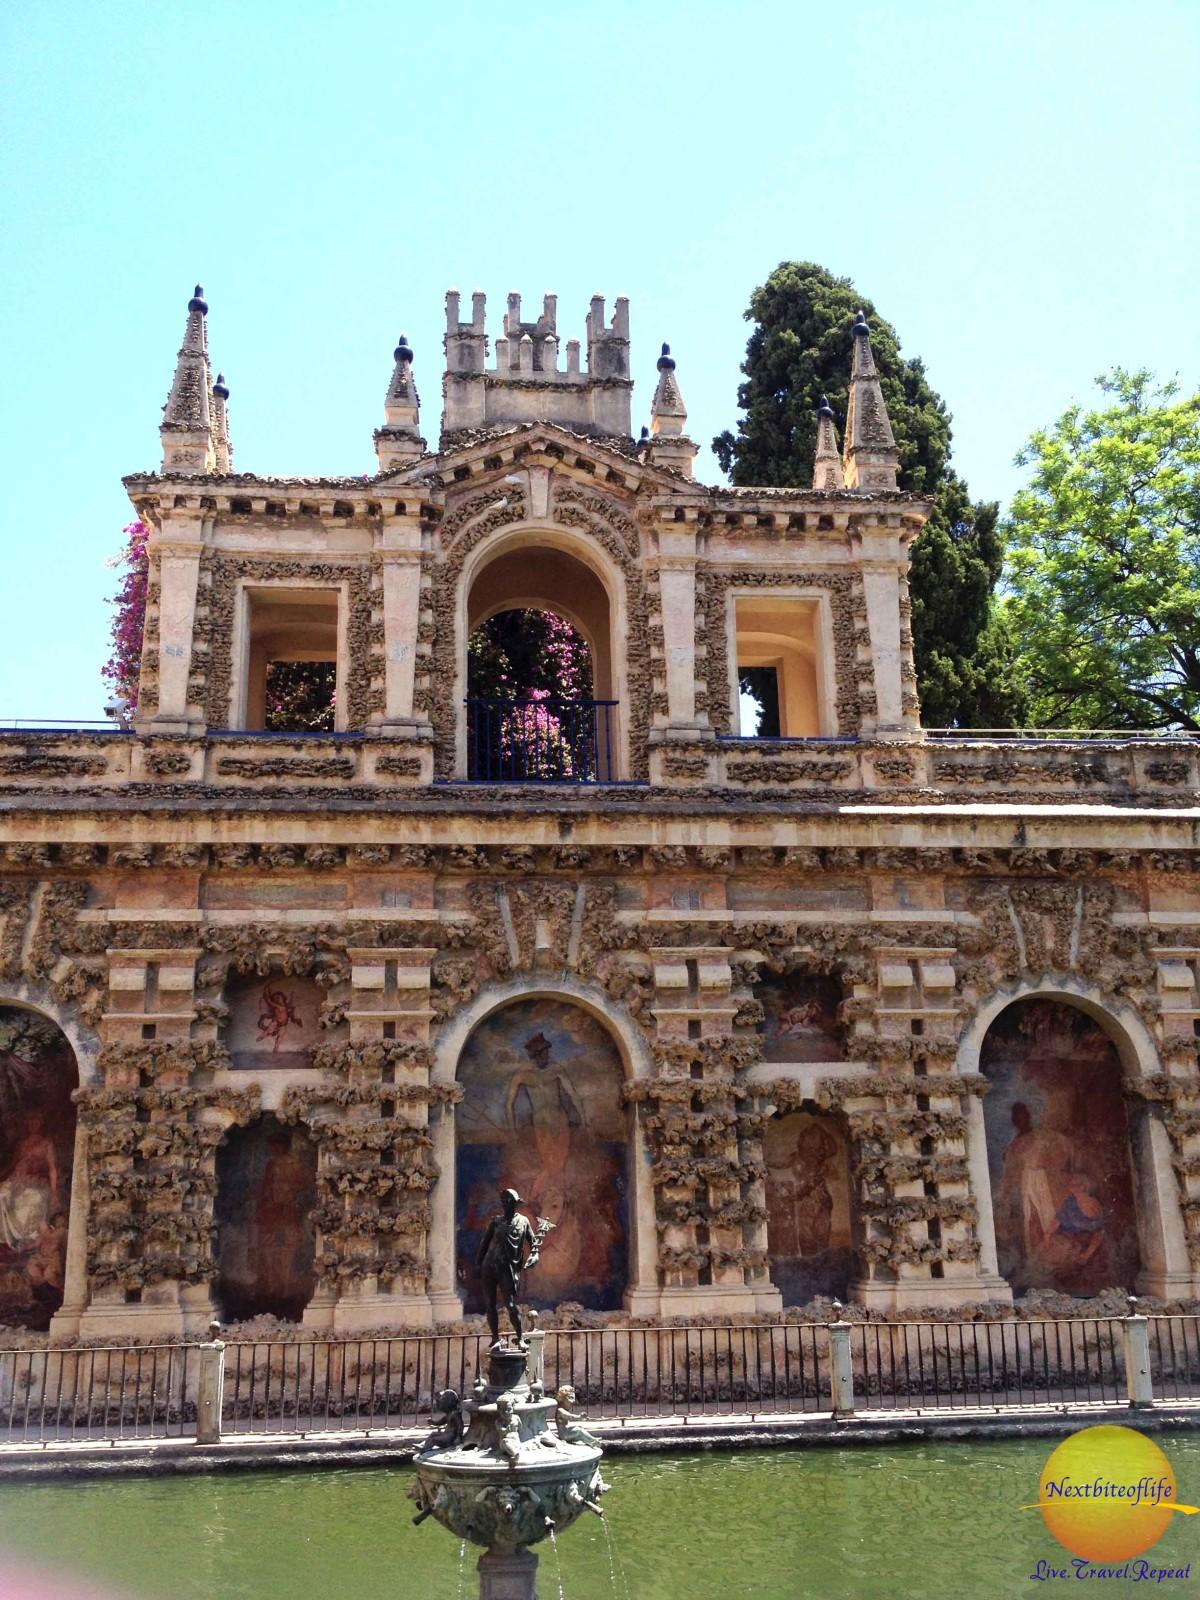 fountain at royal alcazar